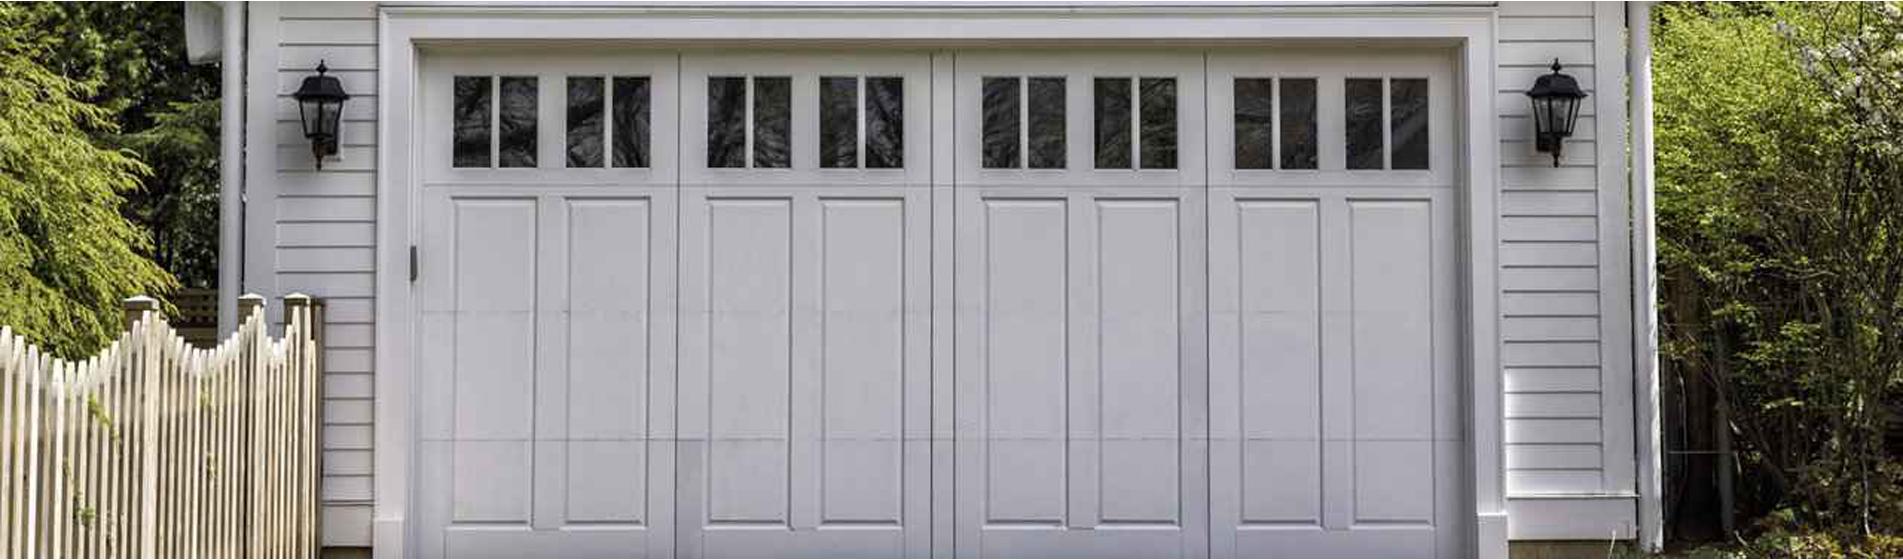 fabricant porte de garage avec portillon 84000